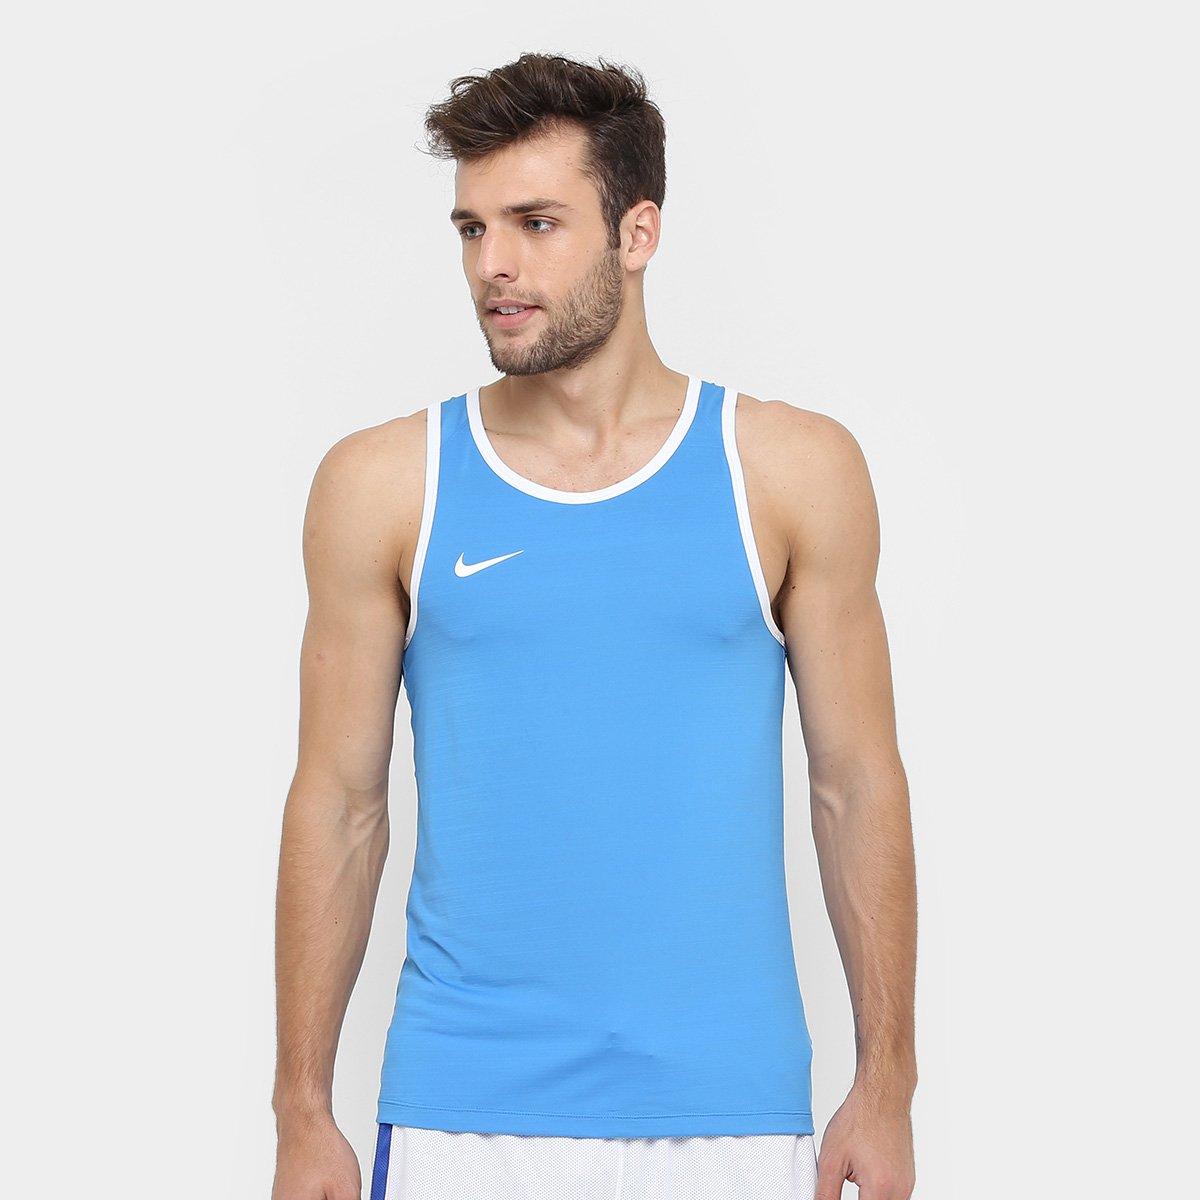 e1b569b72c6f9 Camiseta Regata Nike SL Crossover - Azul e Branco - Compre Agora ...